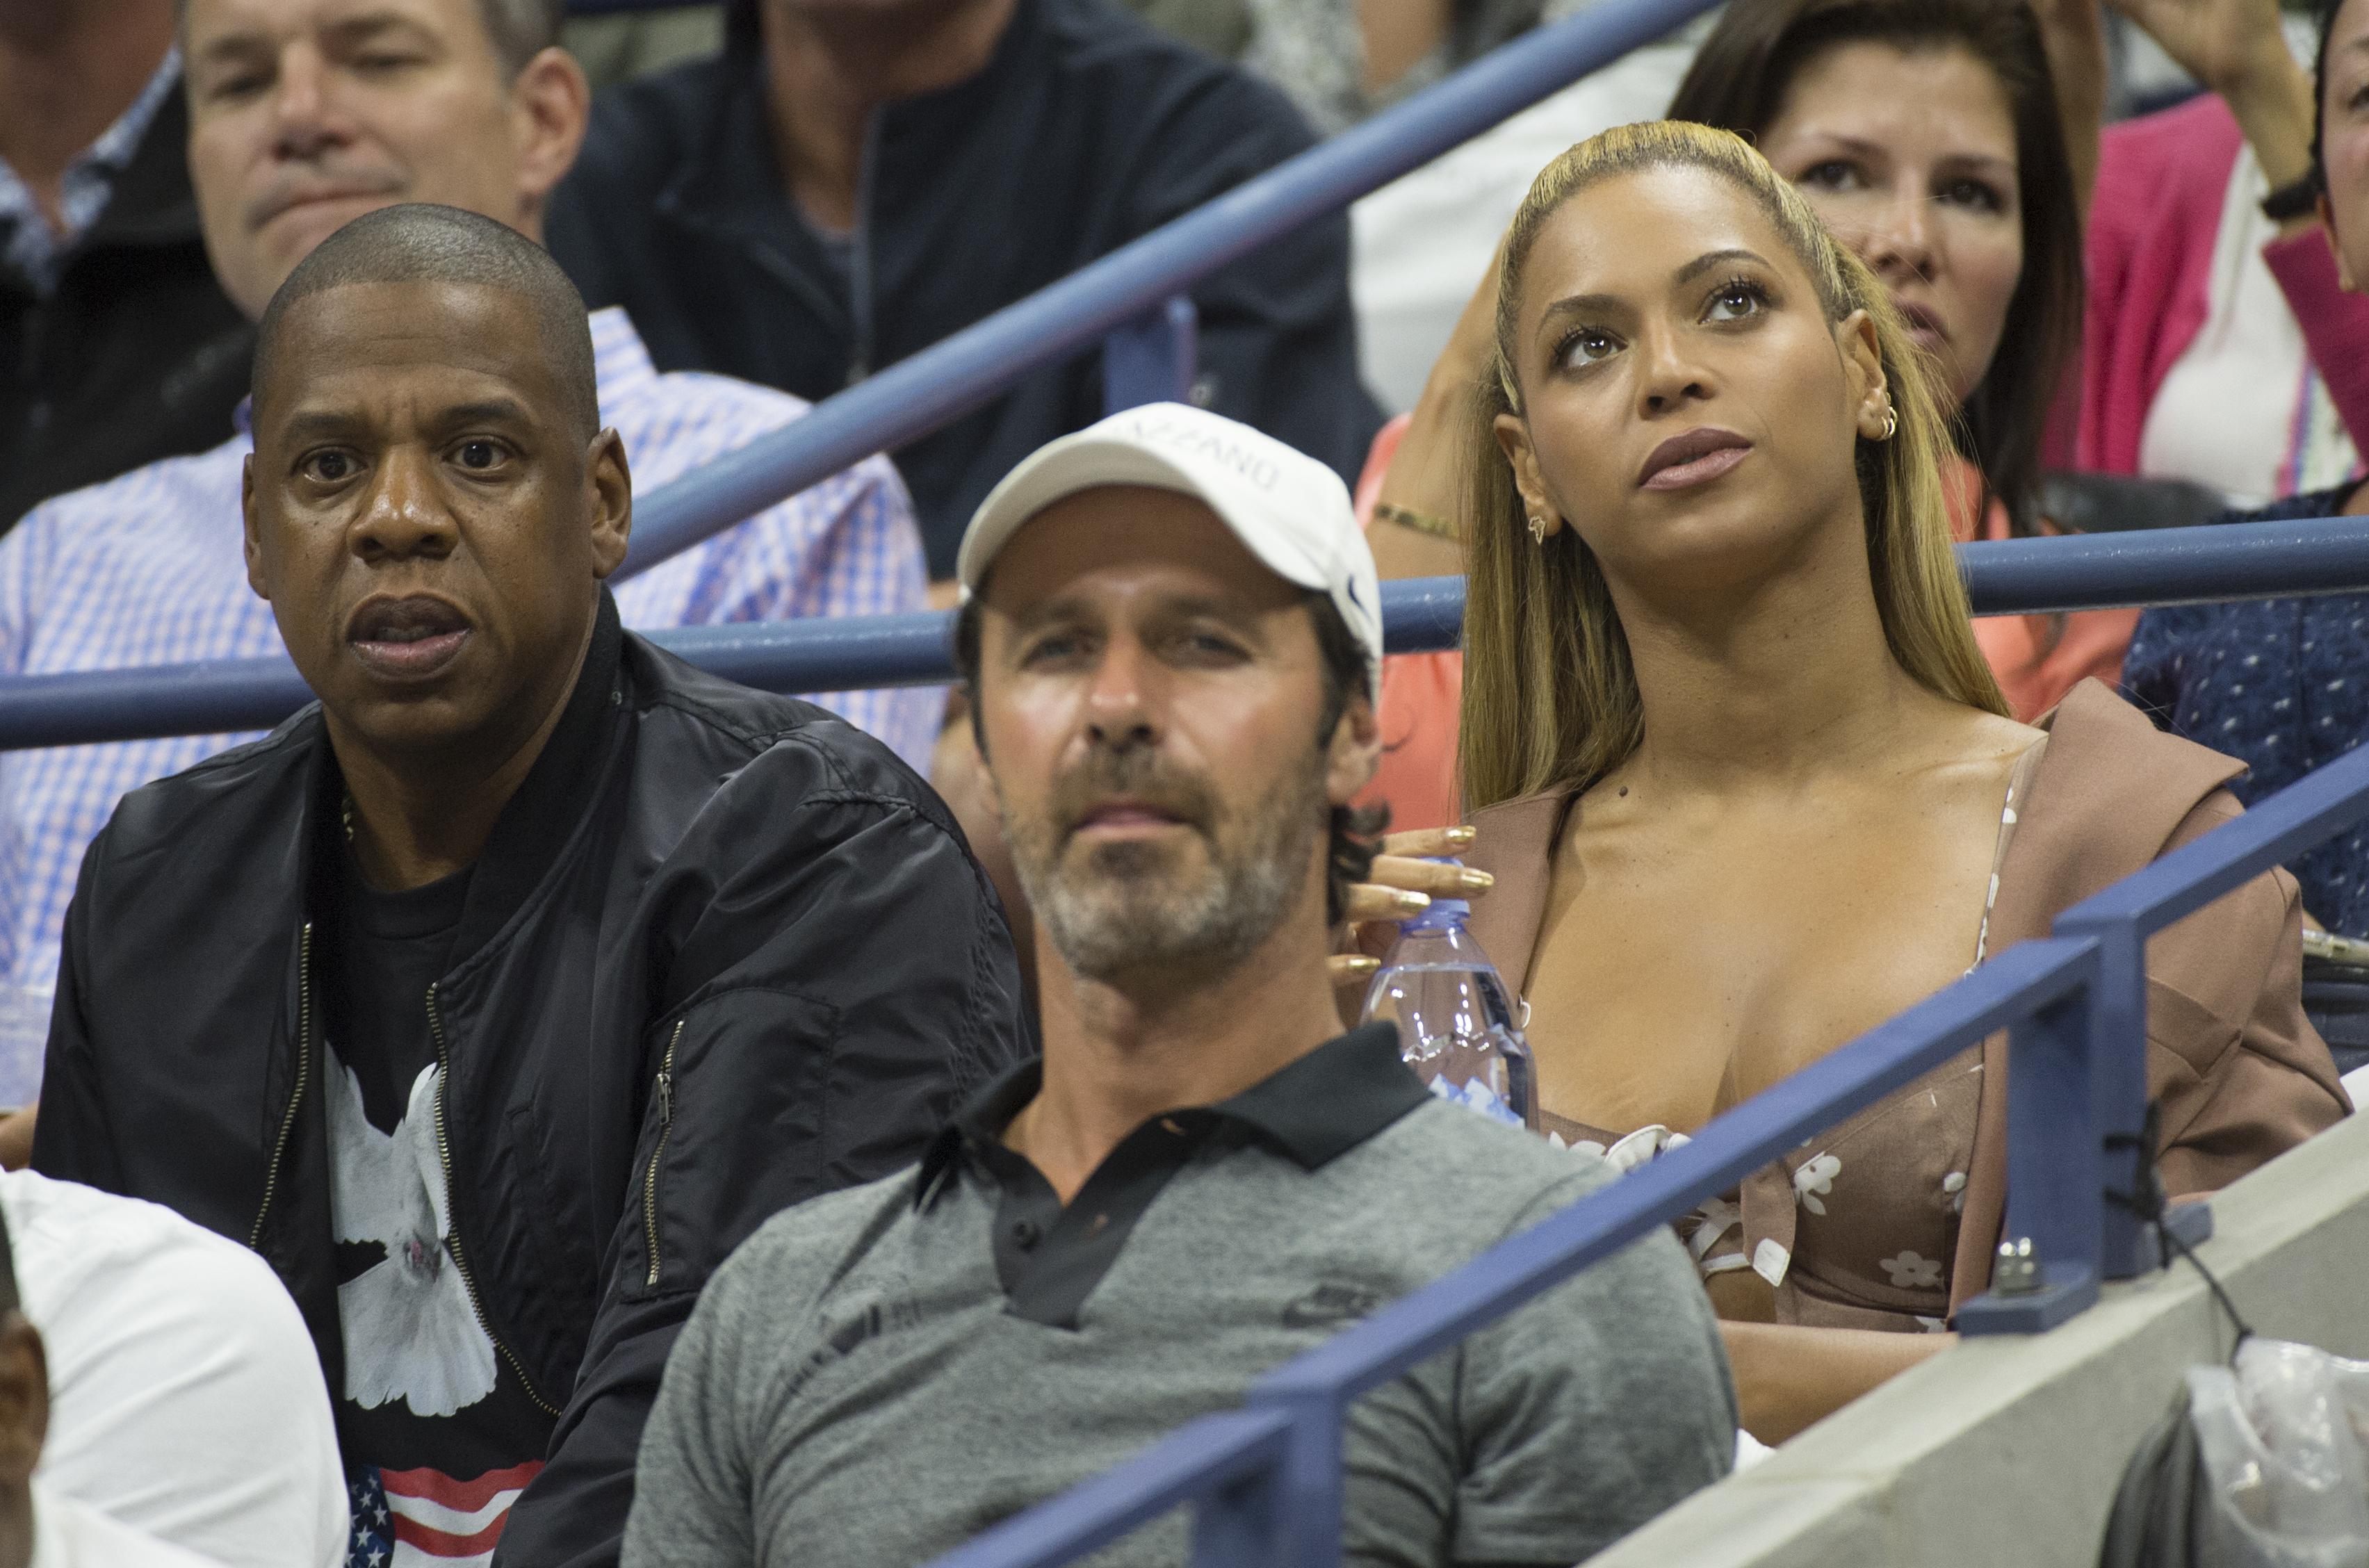 Jay-Z bocsánatért esedezik Beyoncénál 4:44 nevű albumán, mert hűtlen volt hozzá